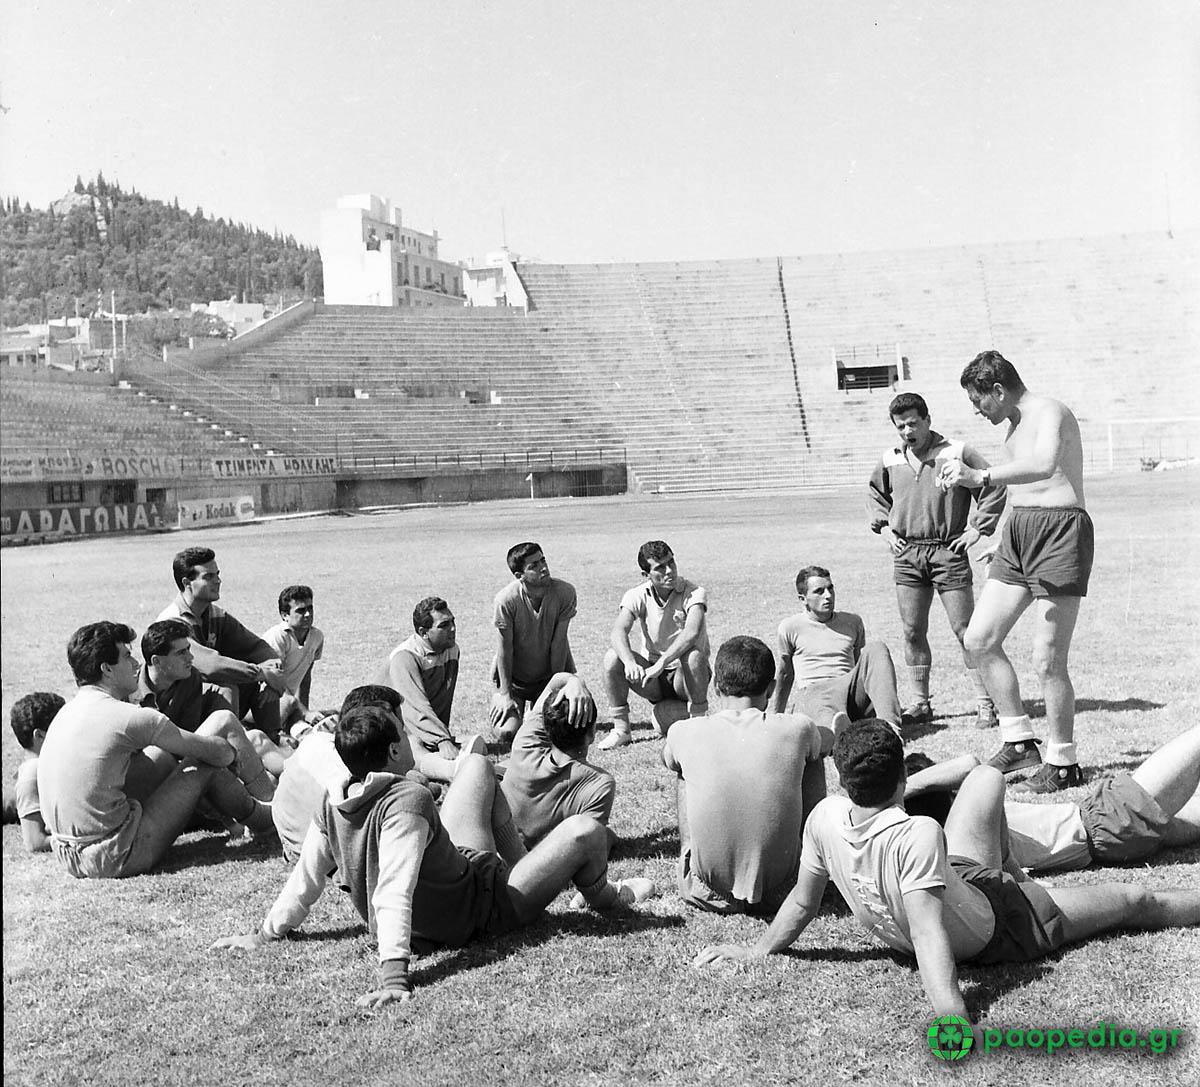 Παναθηναϊκός - Γιουβέντους 1961 1-1 Οι οδηγίες του Χάρι Γκέιμ στους ποδοσφαιριστές στην τελευταία προπόνηση